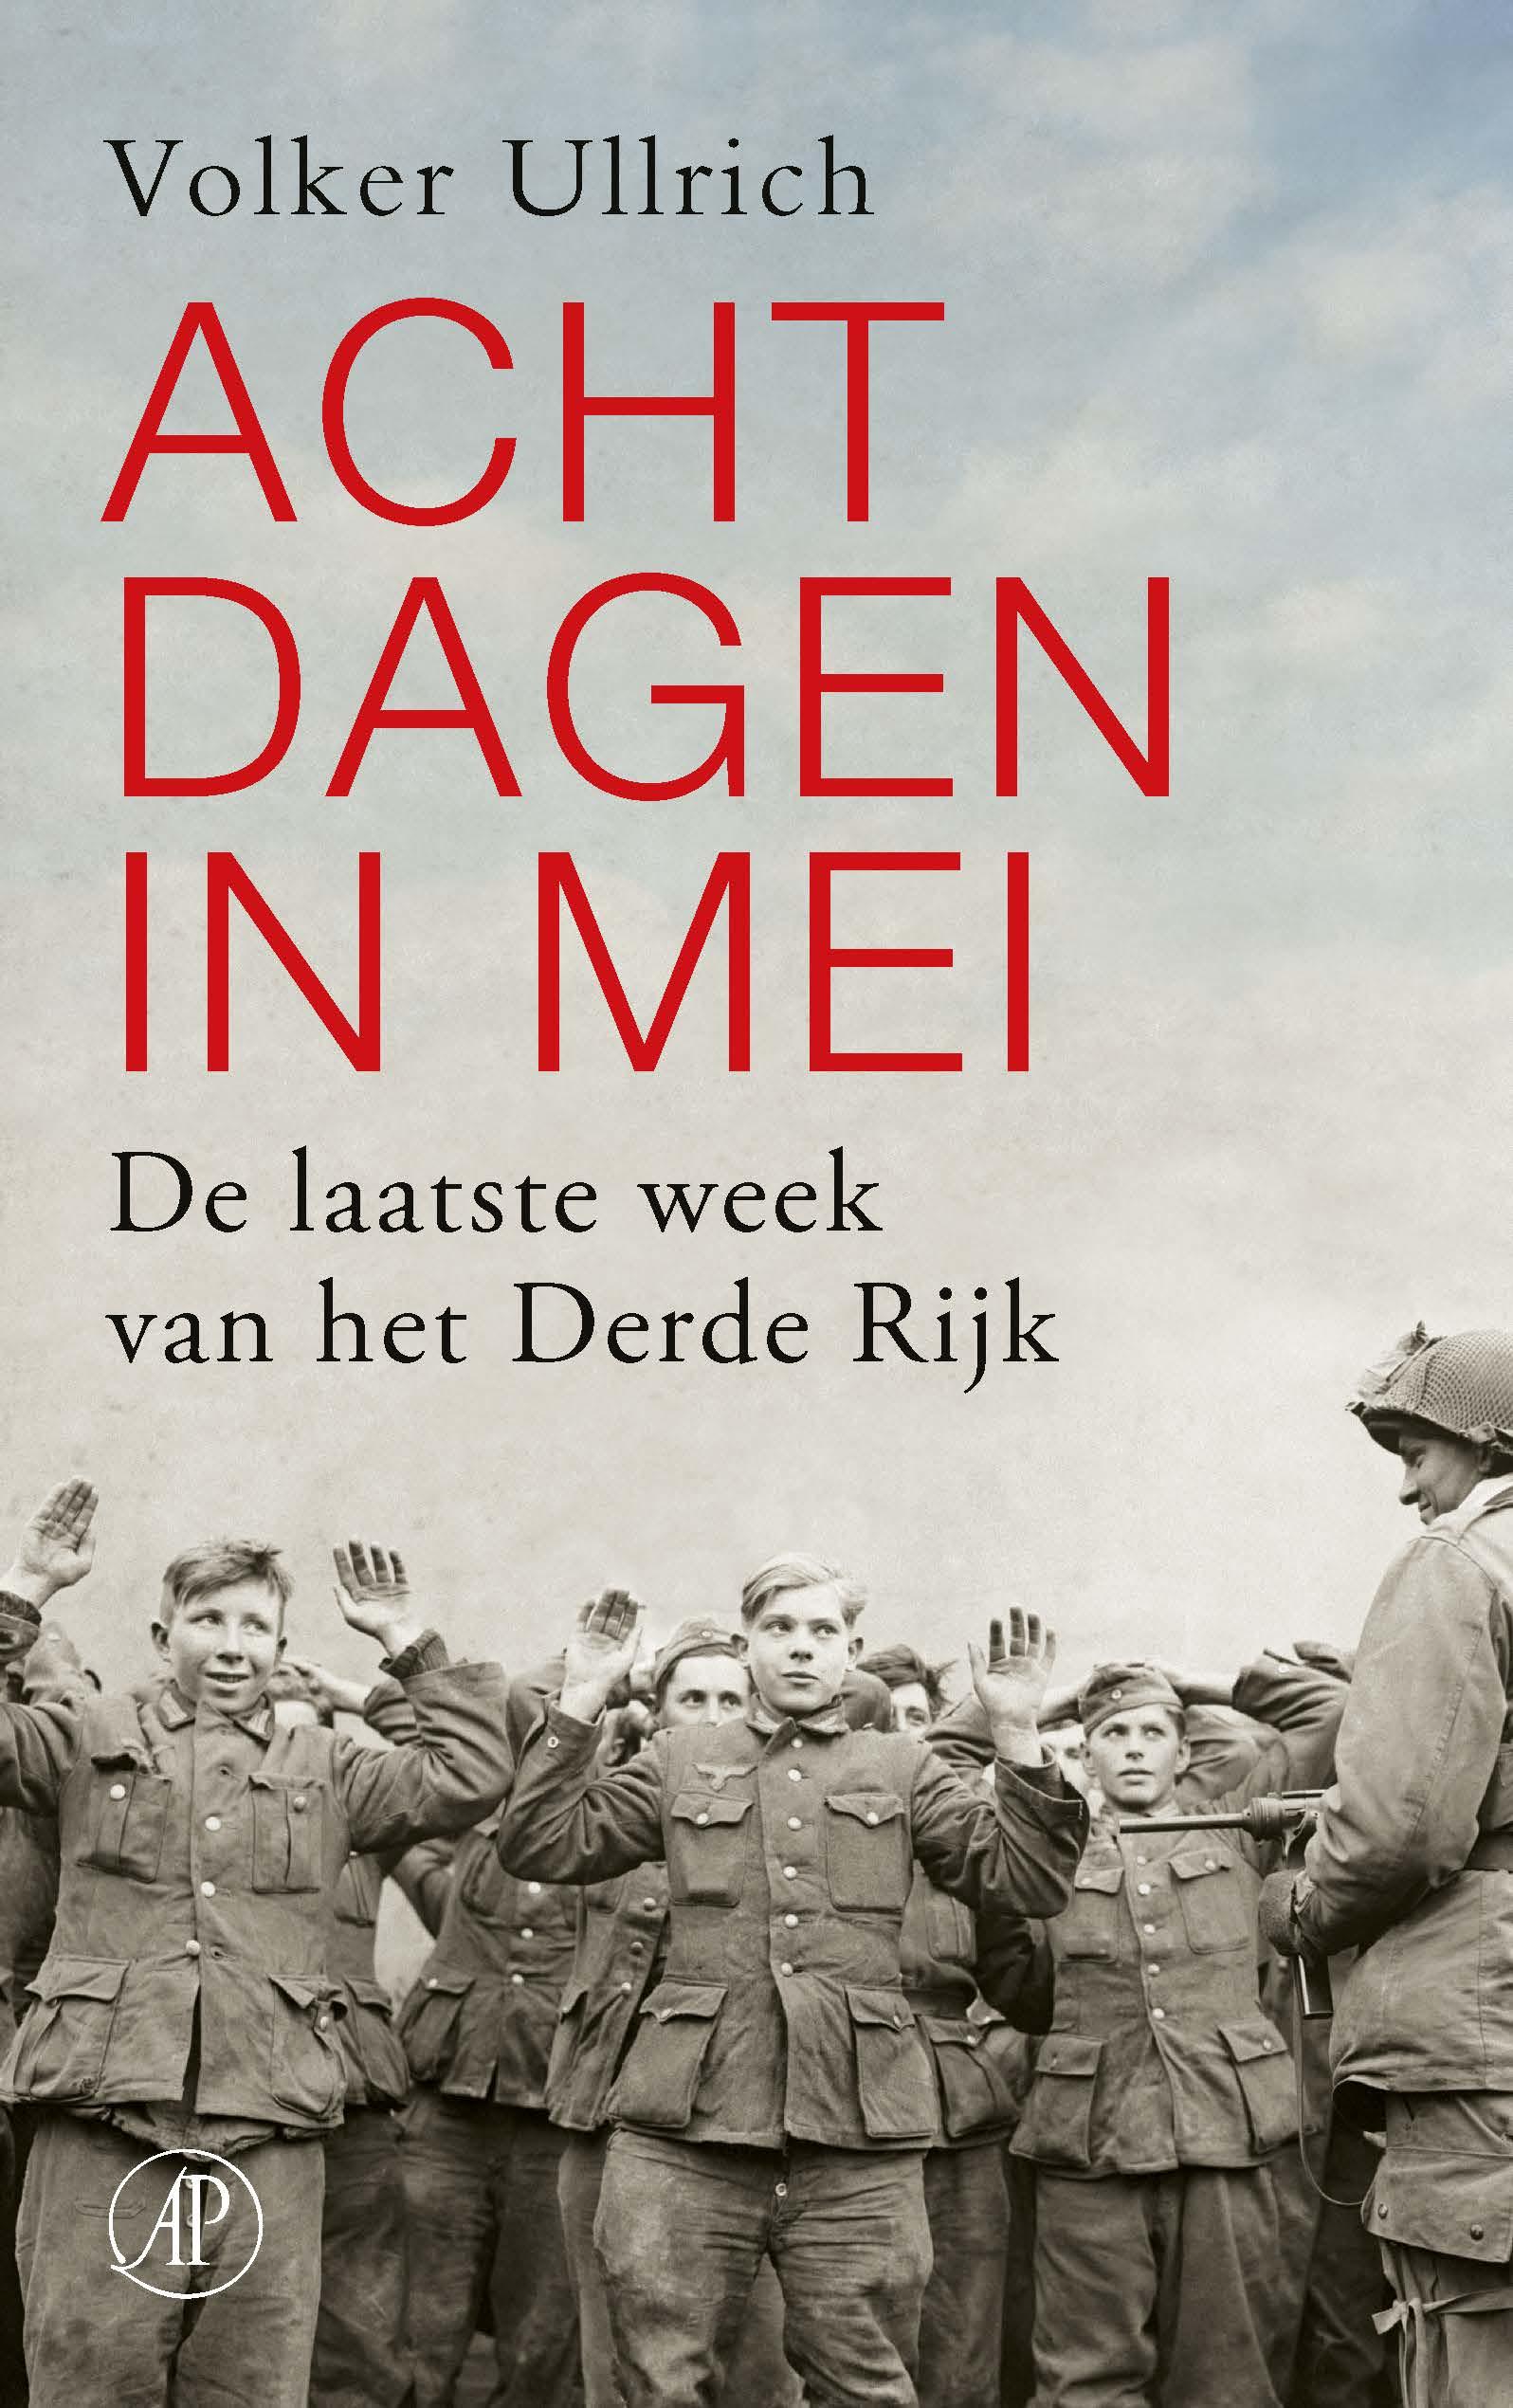 Acht dagen in mei - boekenflits.nl